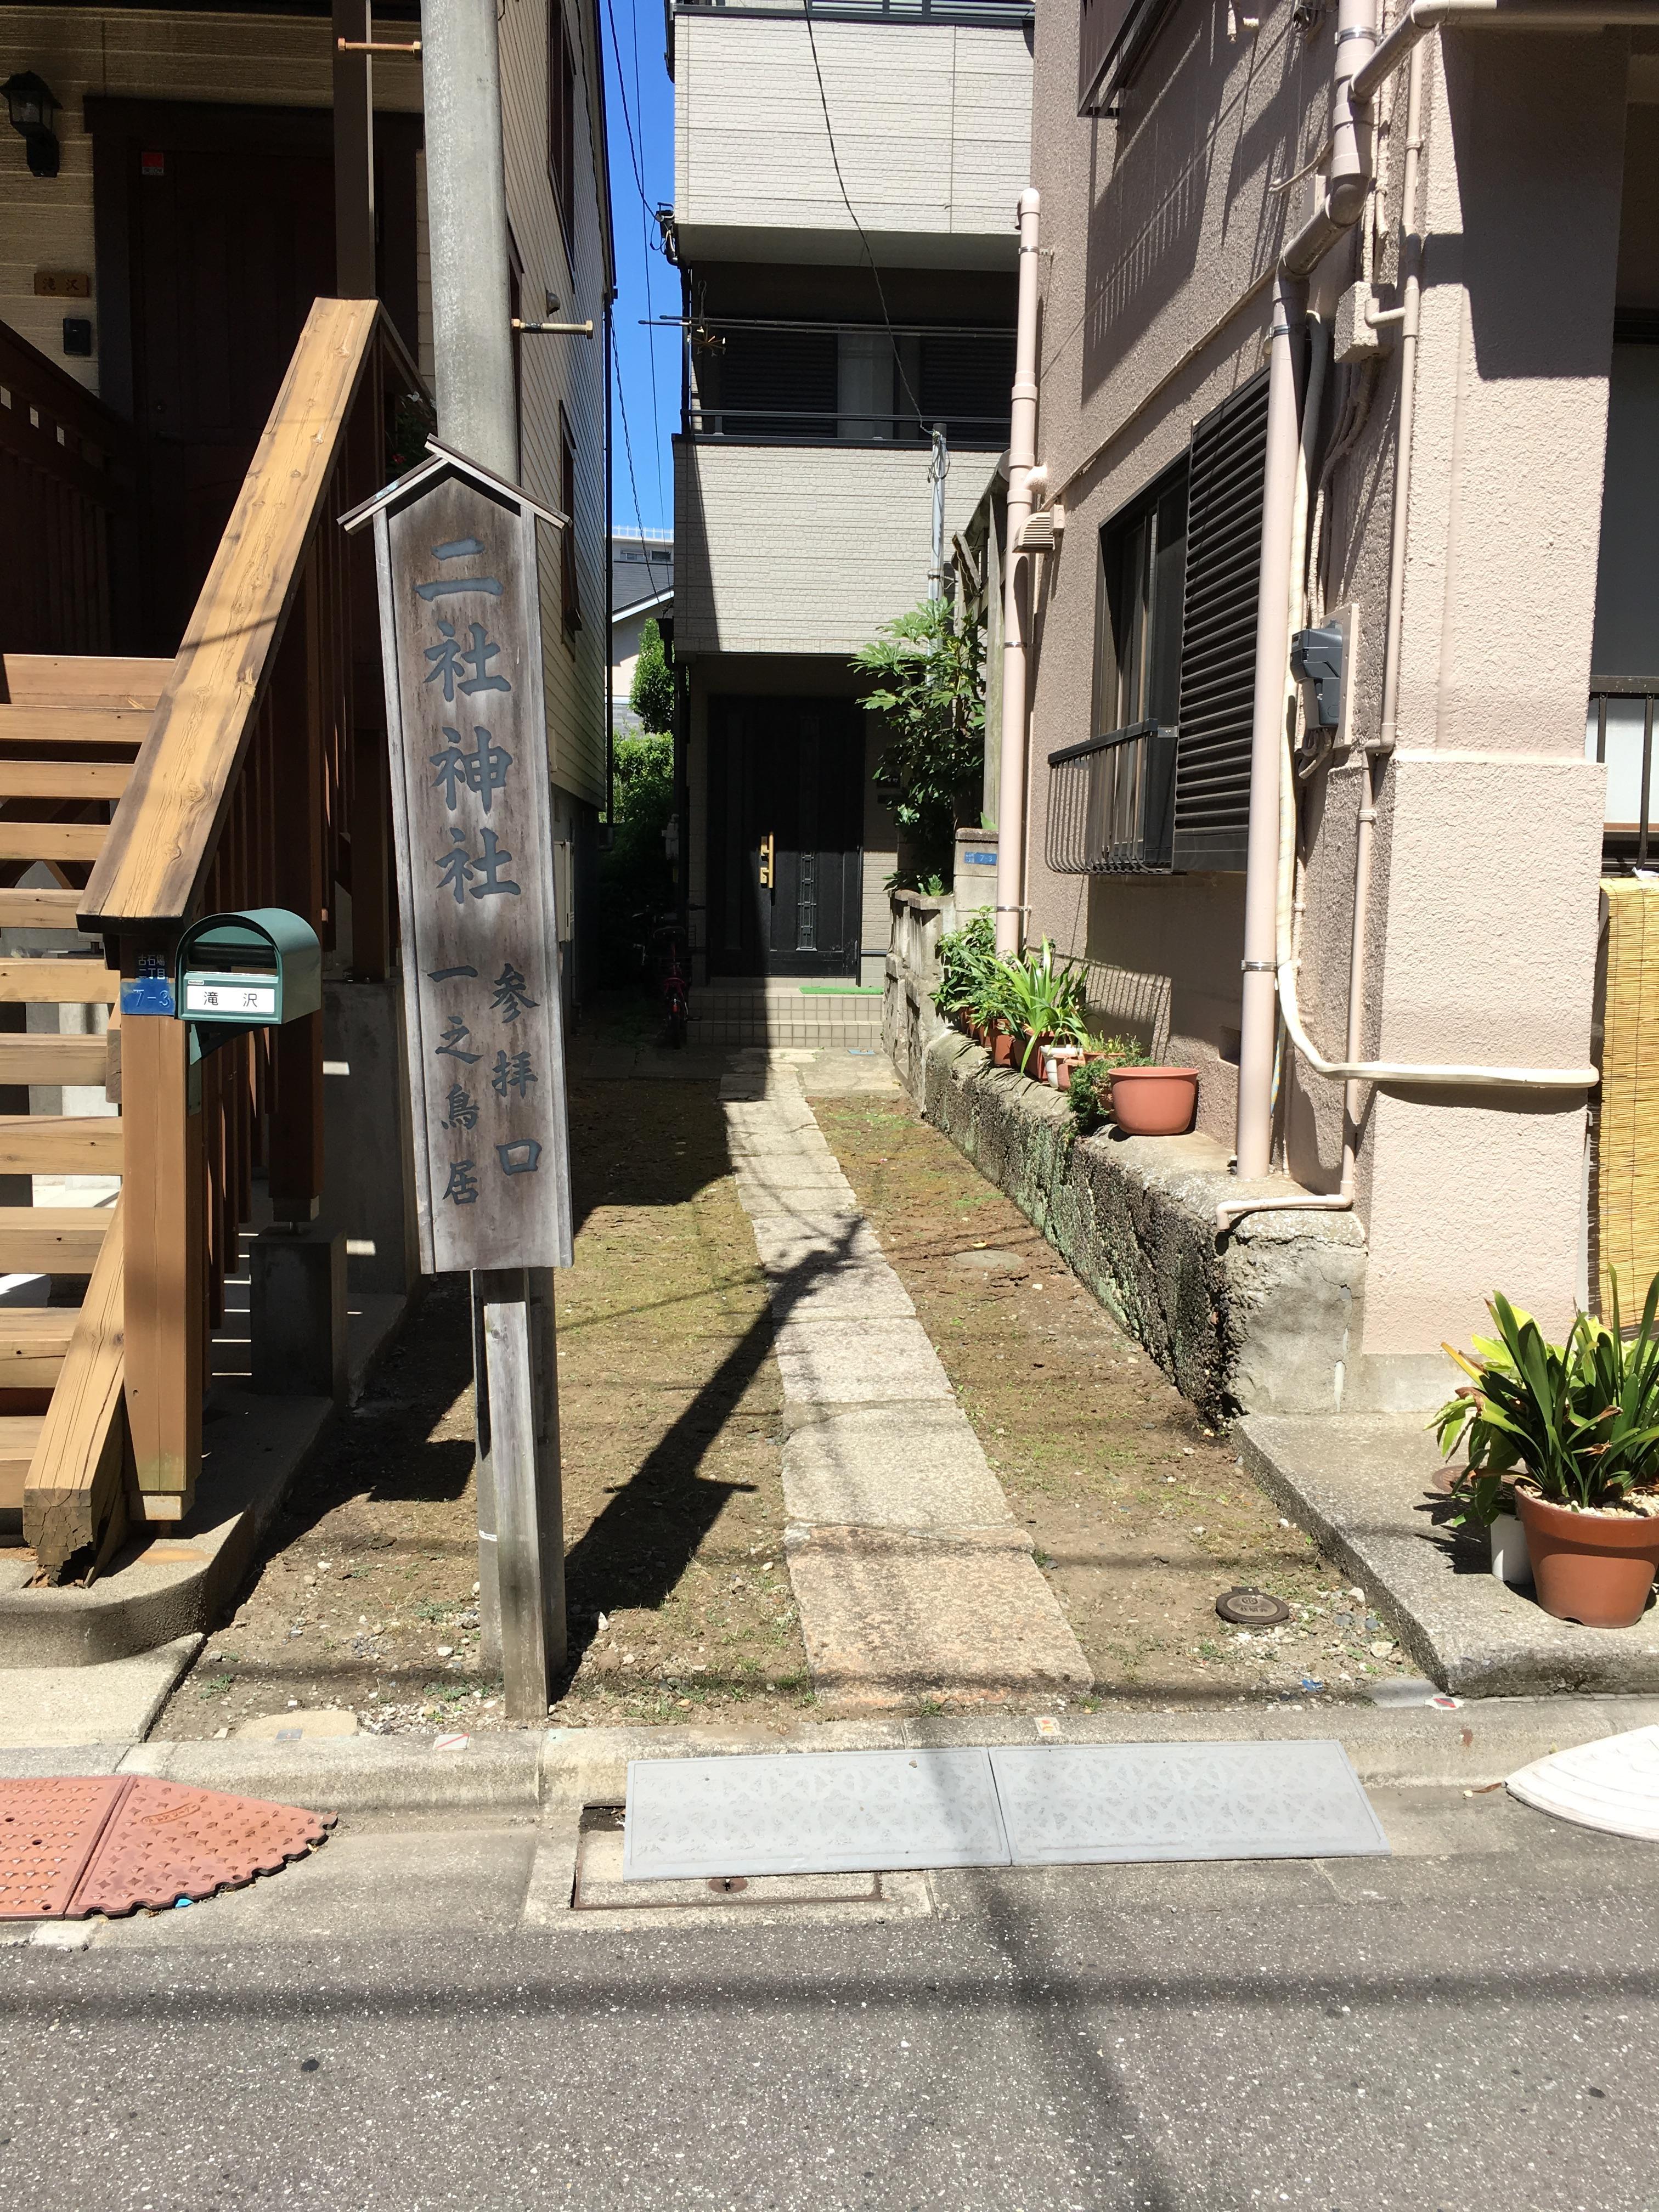 二社神社のその他建物(東京都門前仲町駅)